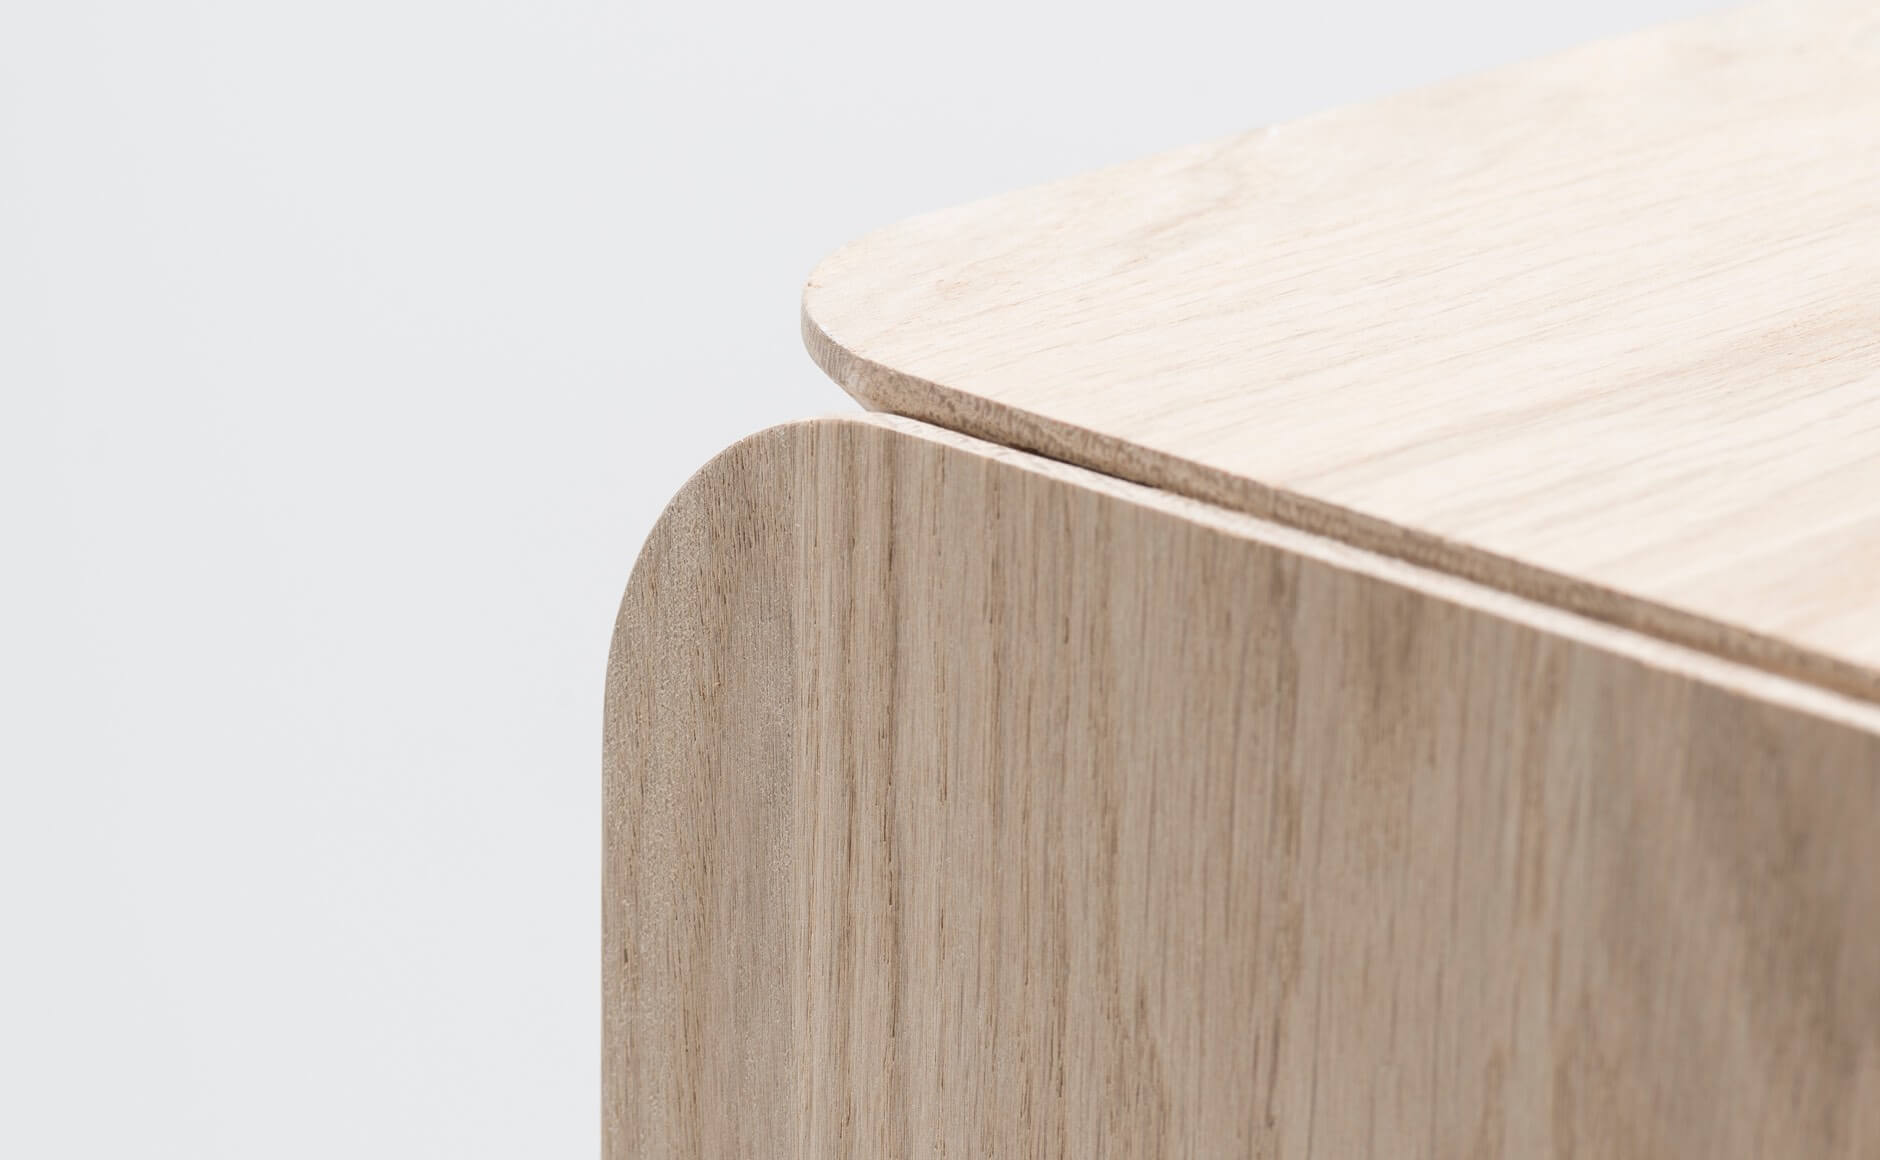 slide-1-piedestal-design-adrien-rovero